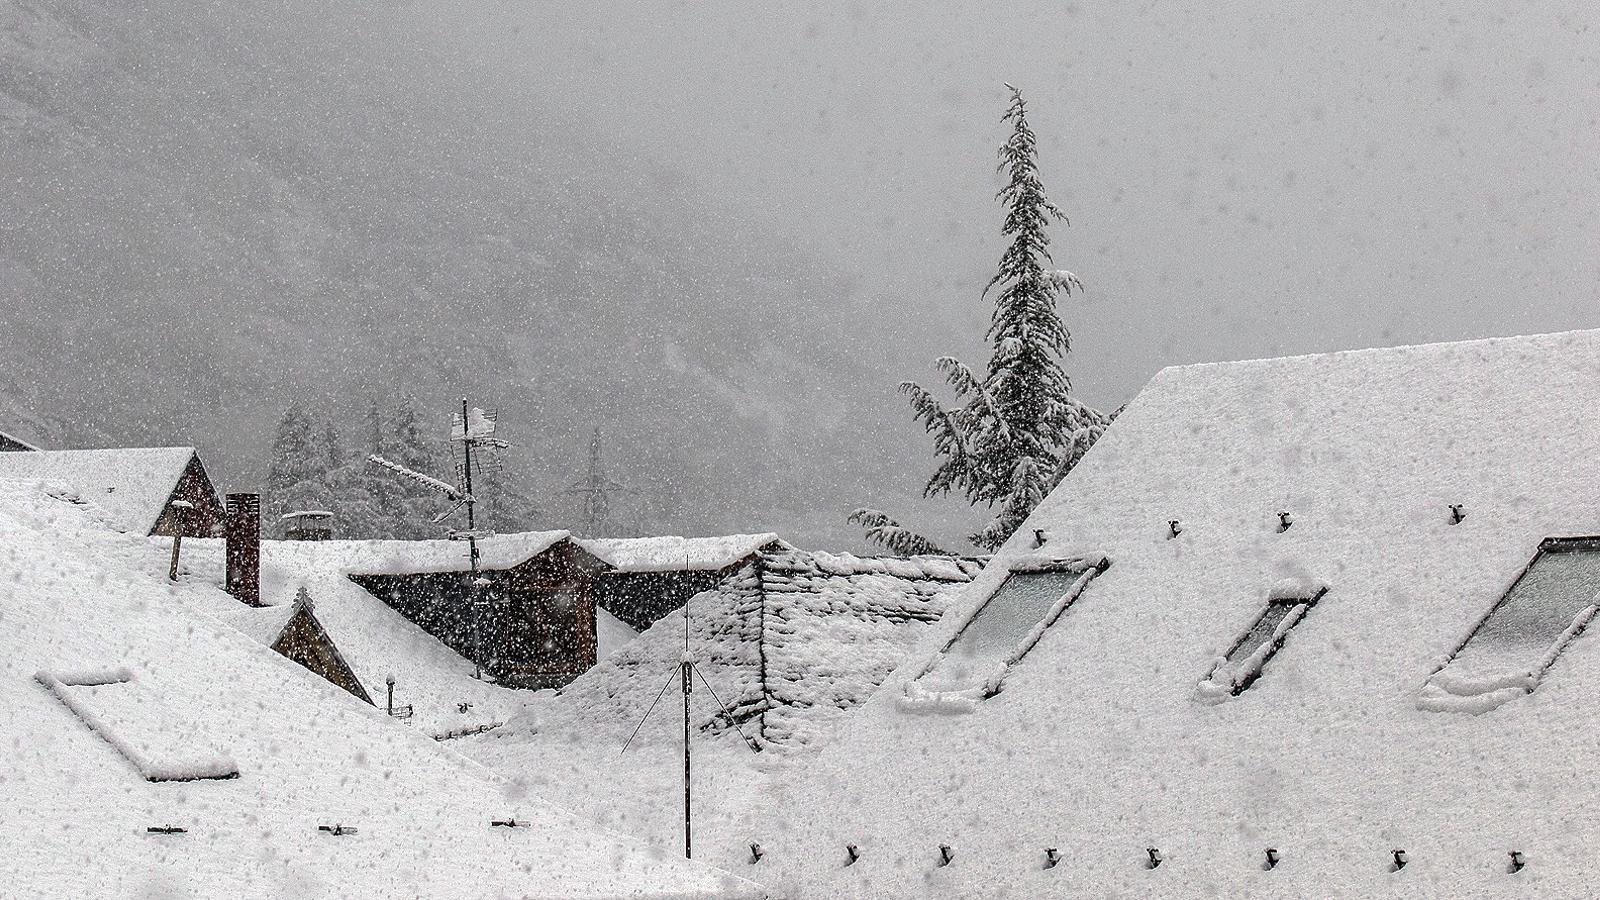 La neu s'estén pel Pirineu i podria aparèixer en més indrets